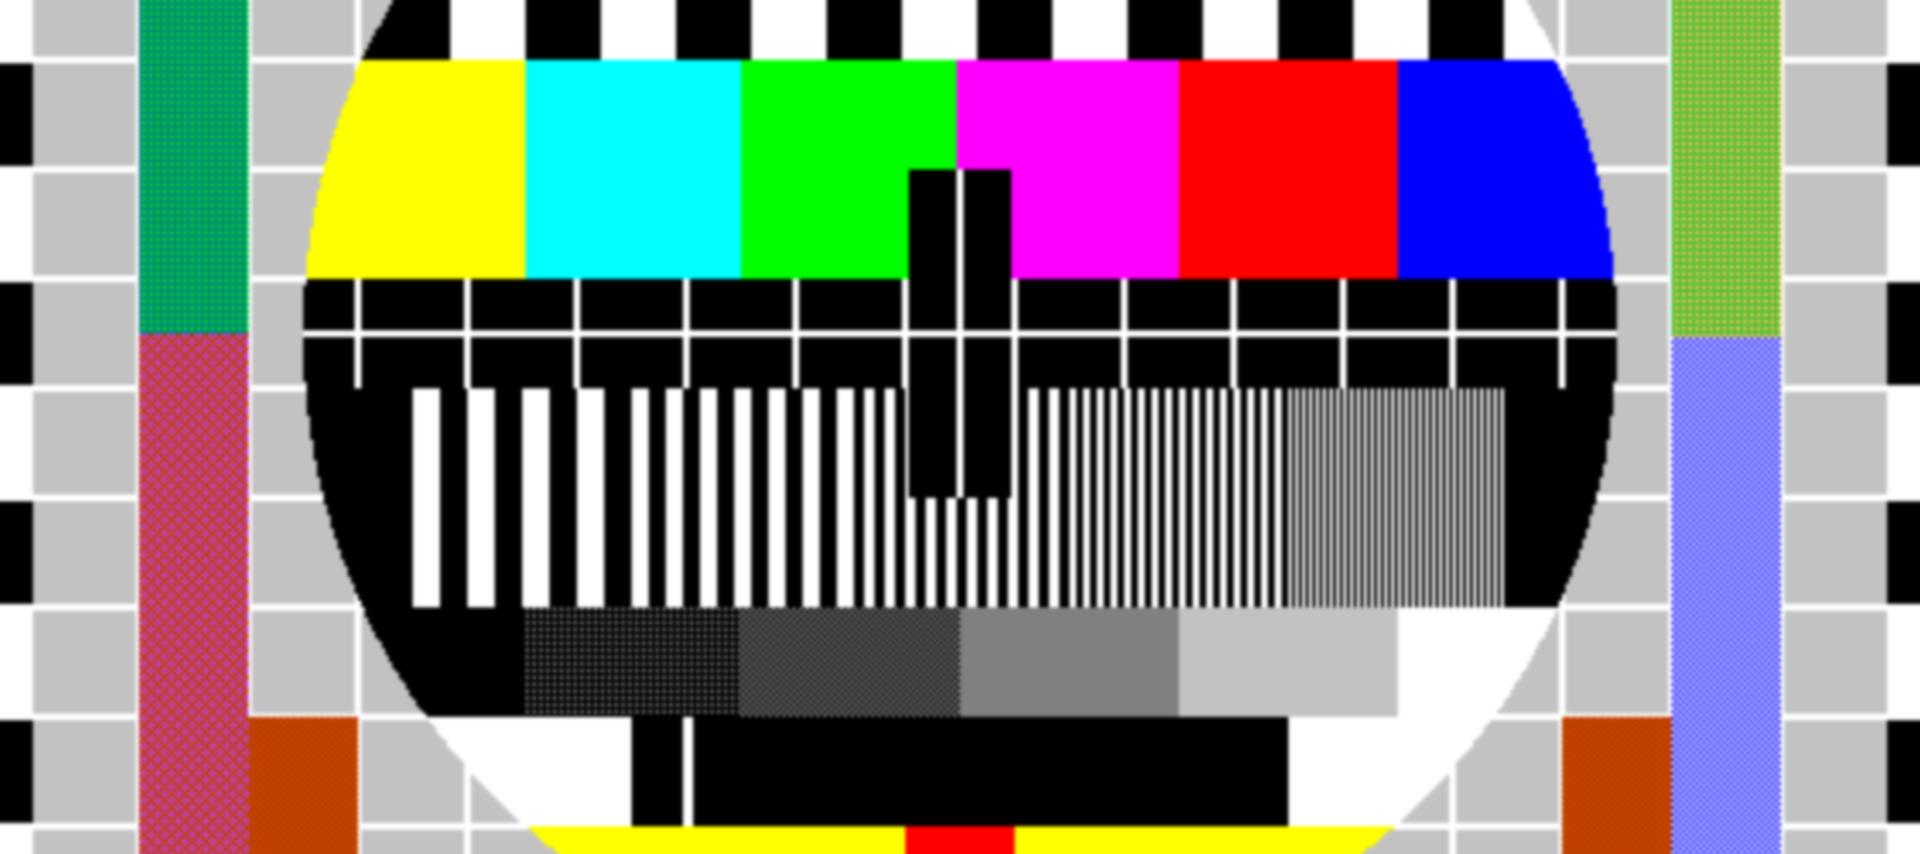 [Oproep] Gebruikers die geen of zwart beeld ervaren met TV